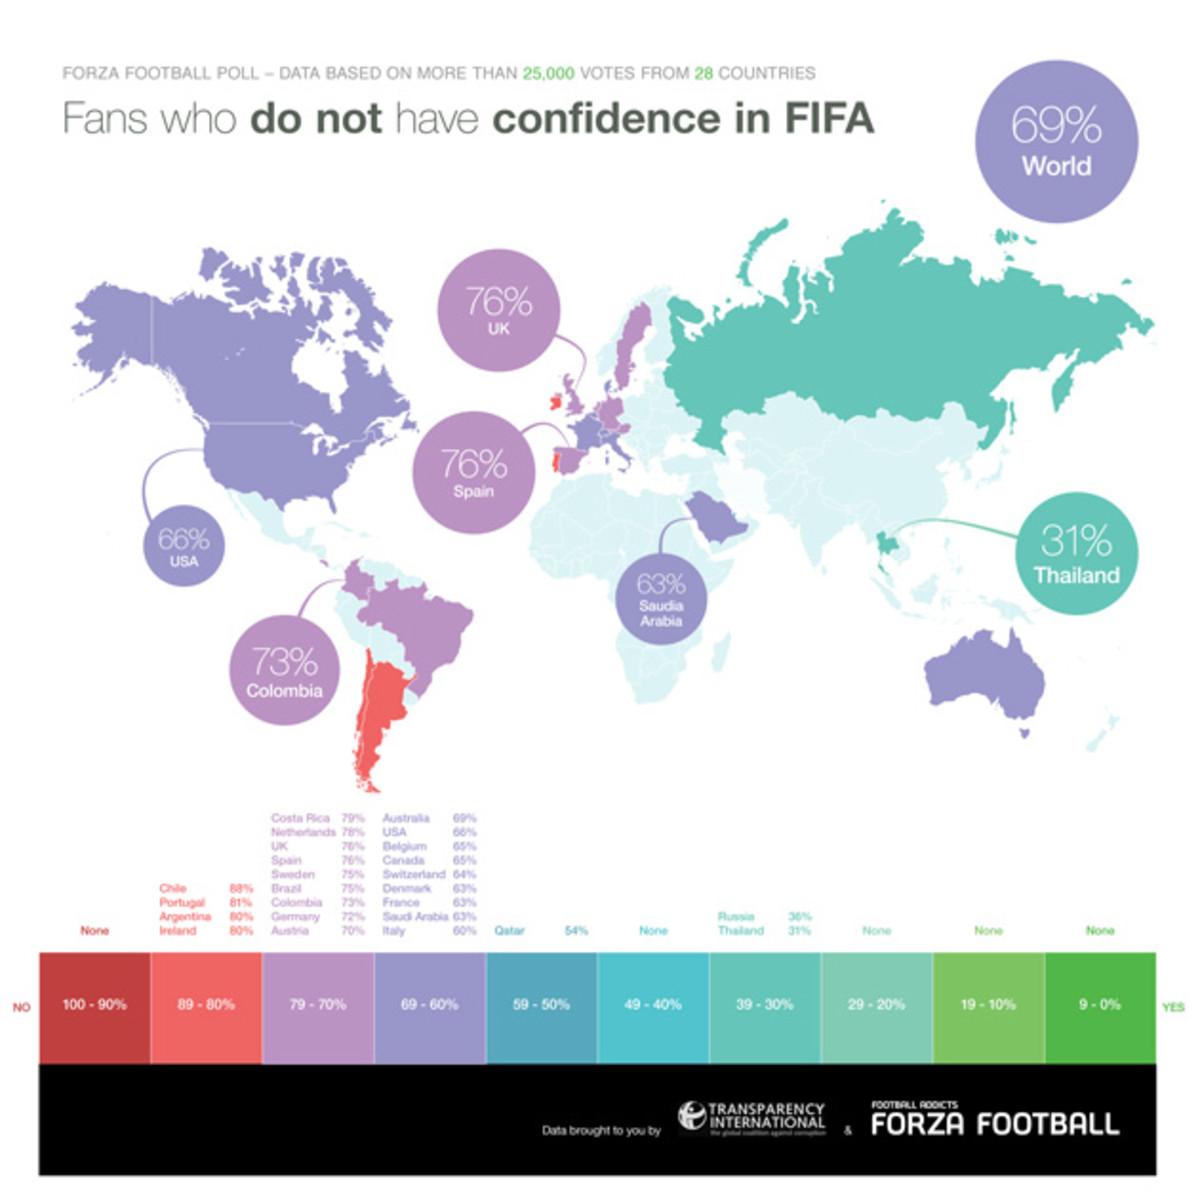 fifa-world-map.jpg